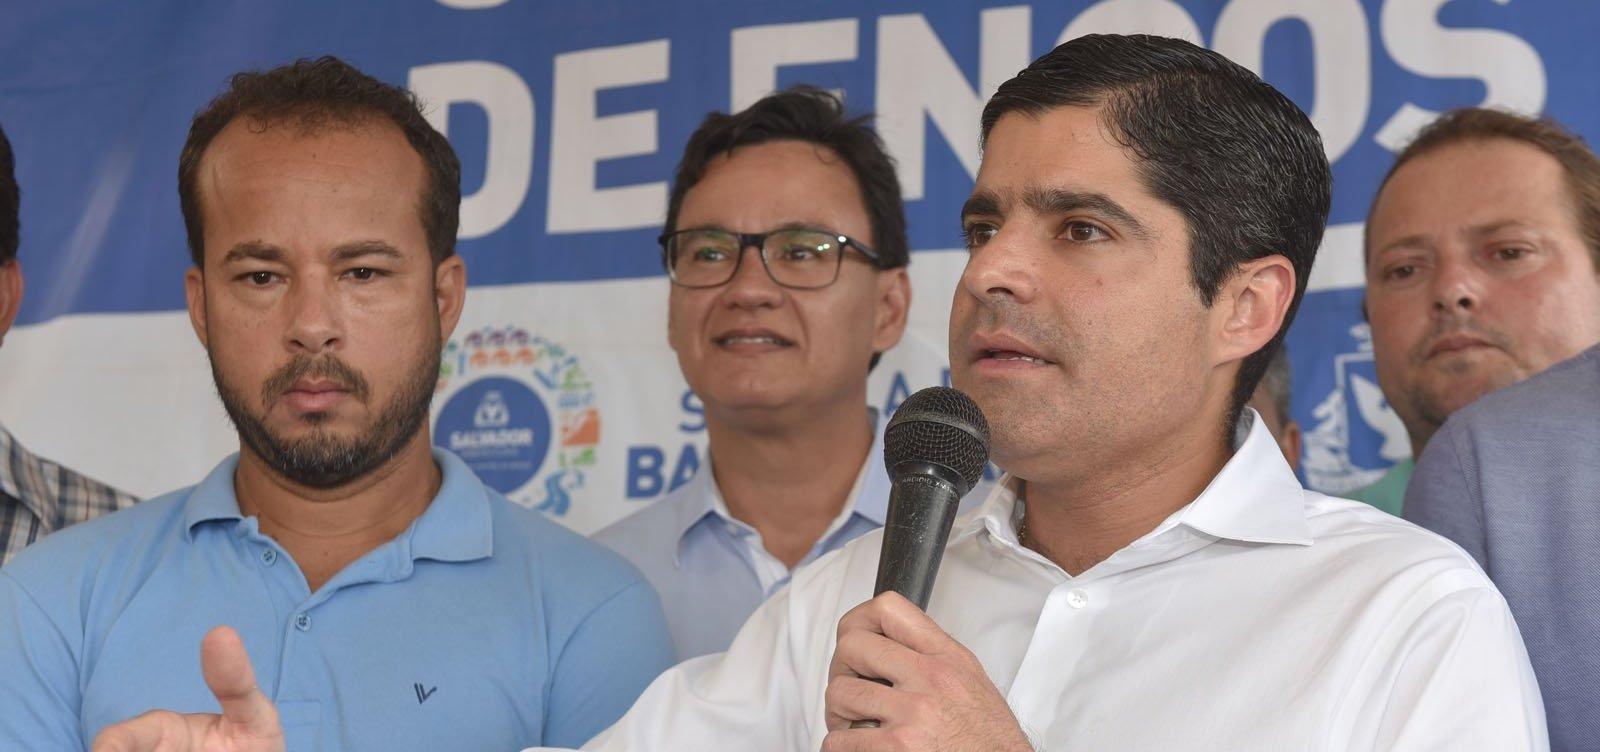 Apoiador de Alckmin, Neto critica 'poste' Haddad e inexperiência de Bolsonaro